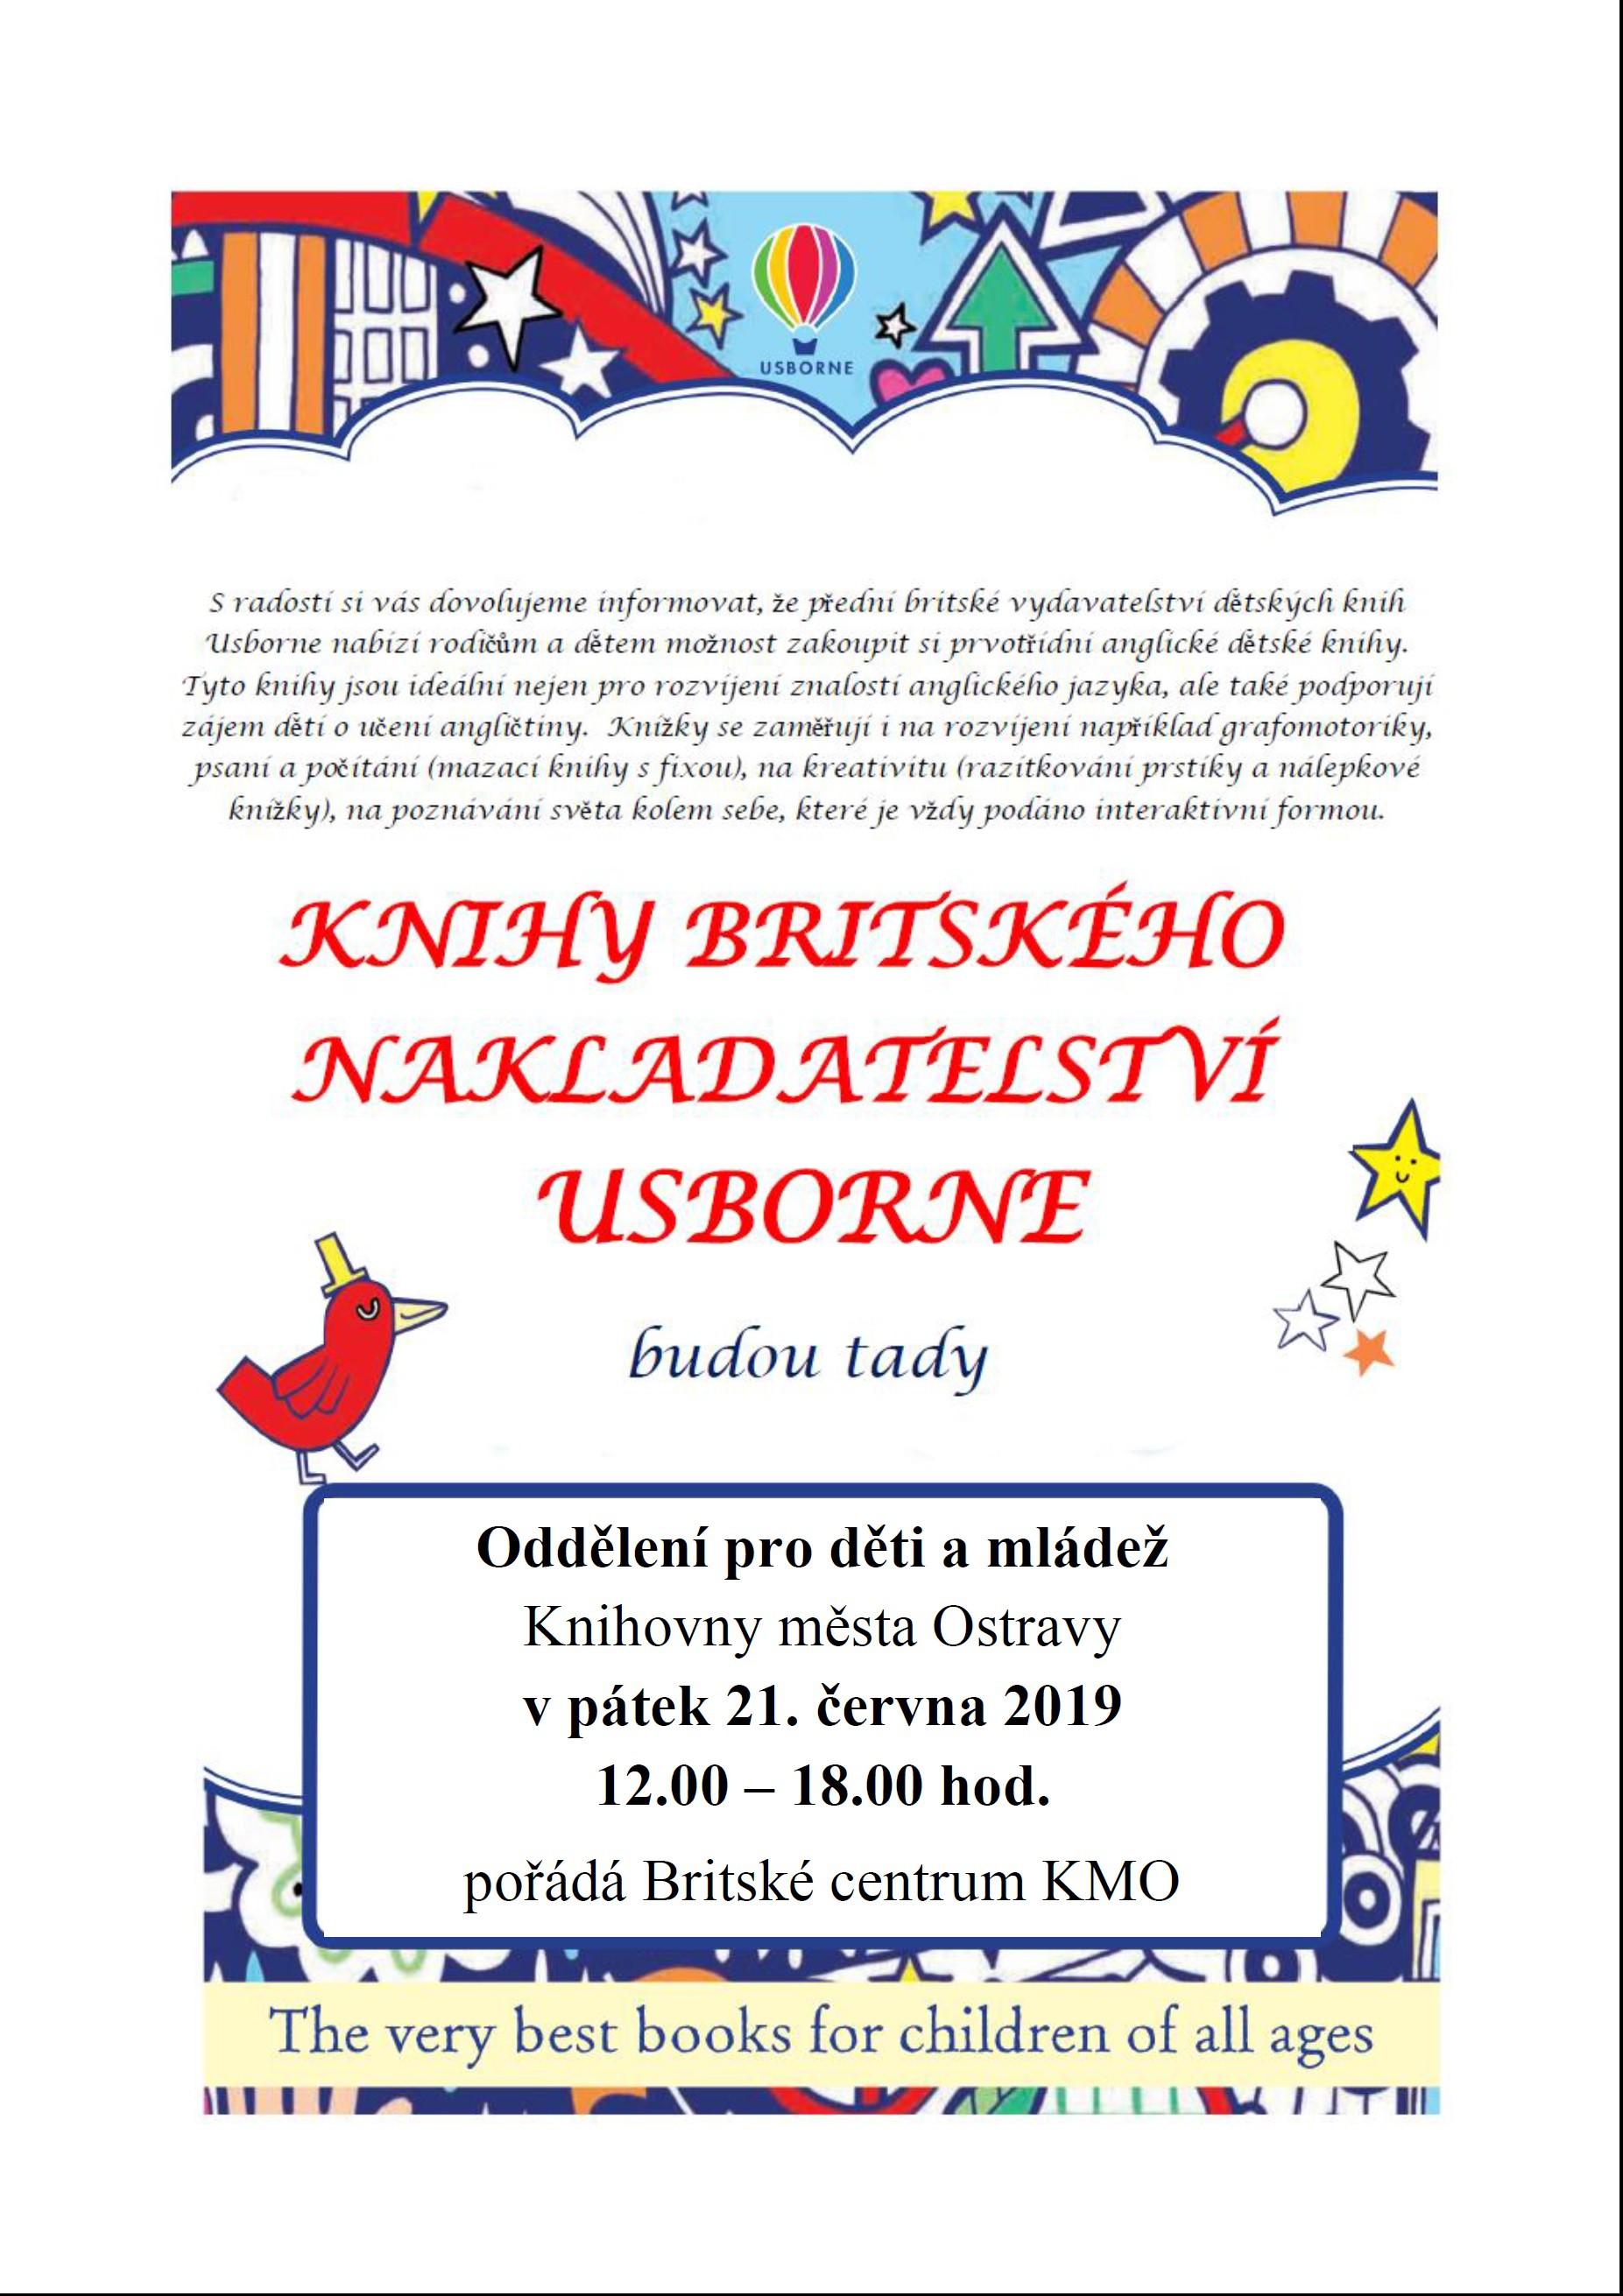 Usborne - prezentace knih britského nakladatelství   Oddělení pro děti a mládež Knihovny města Ostravy vás v pátek 21. června 2019 zve v 12.00 – 18.00 hod na prezentaci knih v angličtině z nabídky prvotřídního britského nakladatelství Usborne. Knihy je možné na místě zakoupit. Akce se koná v Oddělení pro děti a mládež a je pořádaná Britským centrem KMO